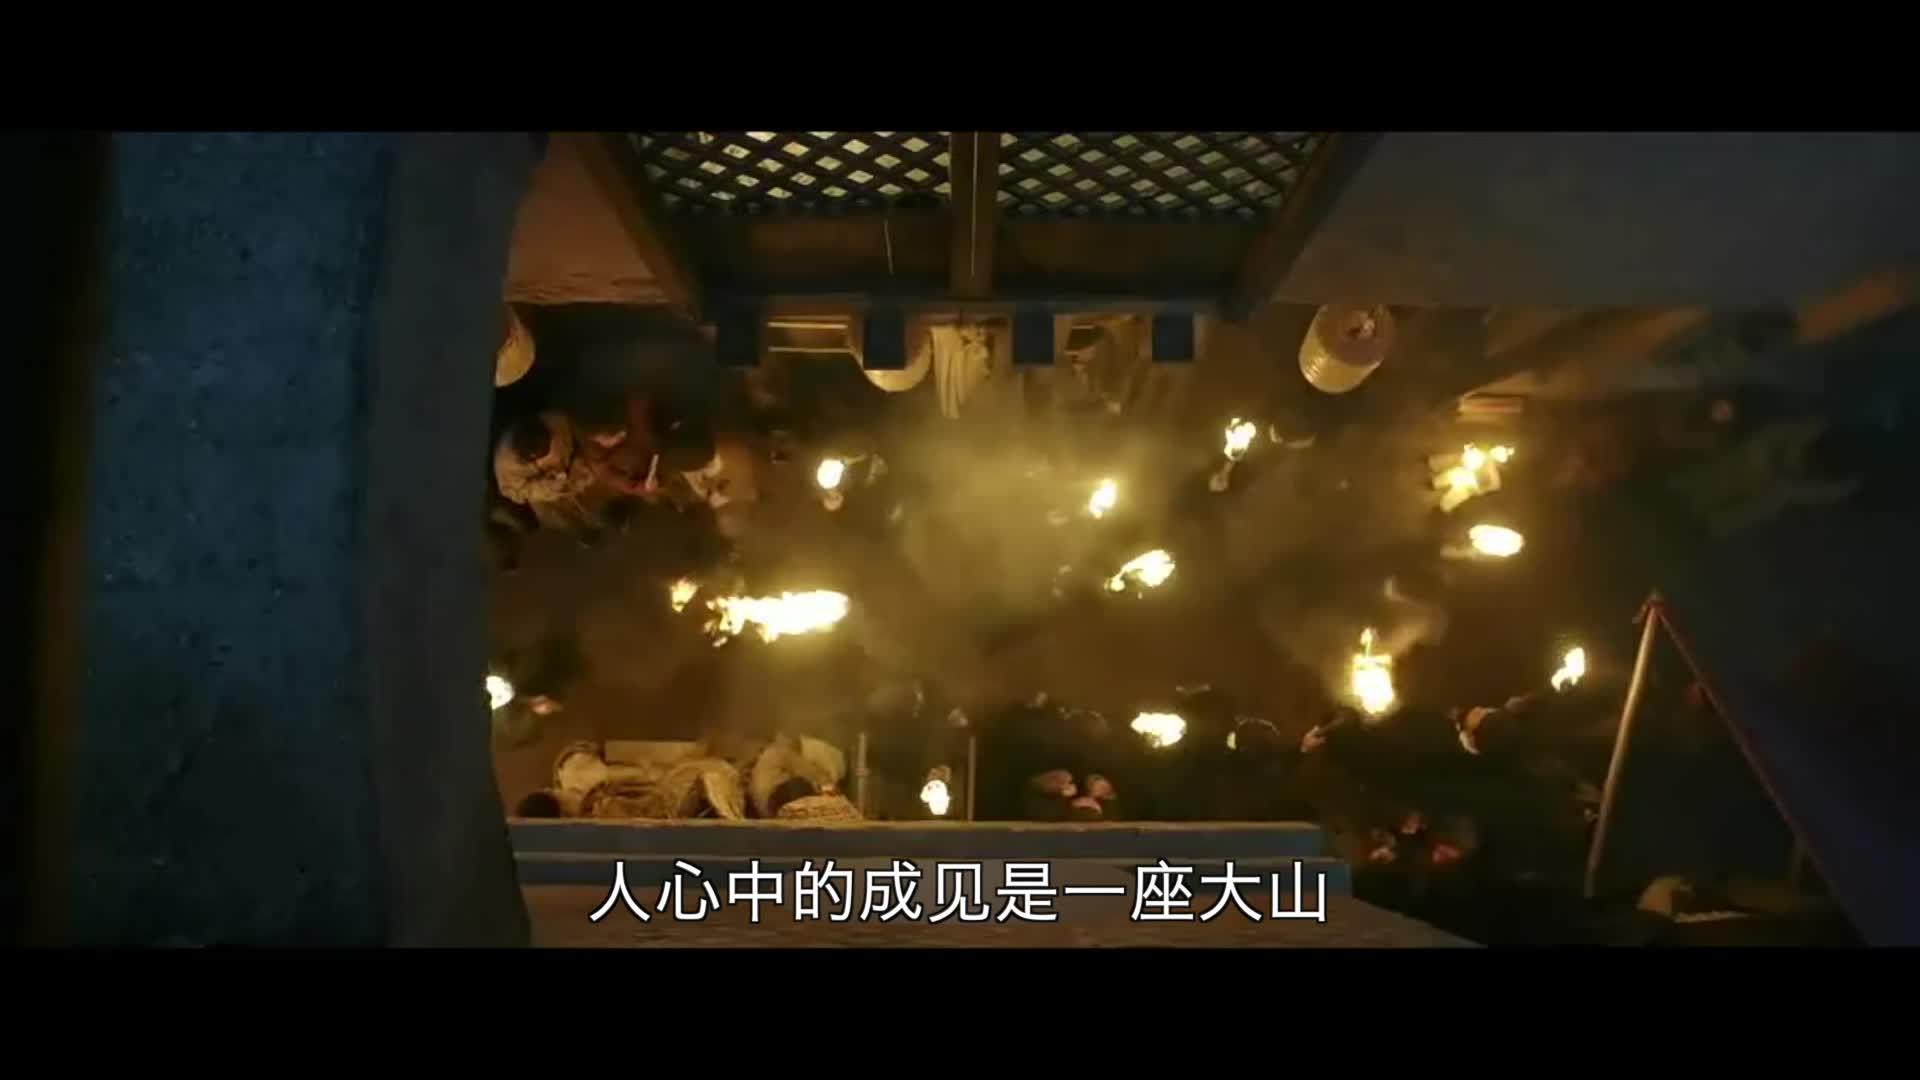 用《哪吒之魔童降世》打开《长安十二时辰》若命运不公,就和它斗到底!!!